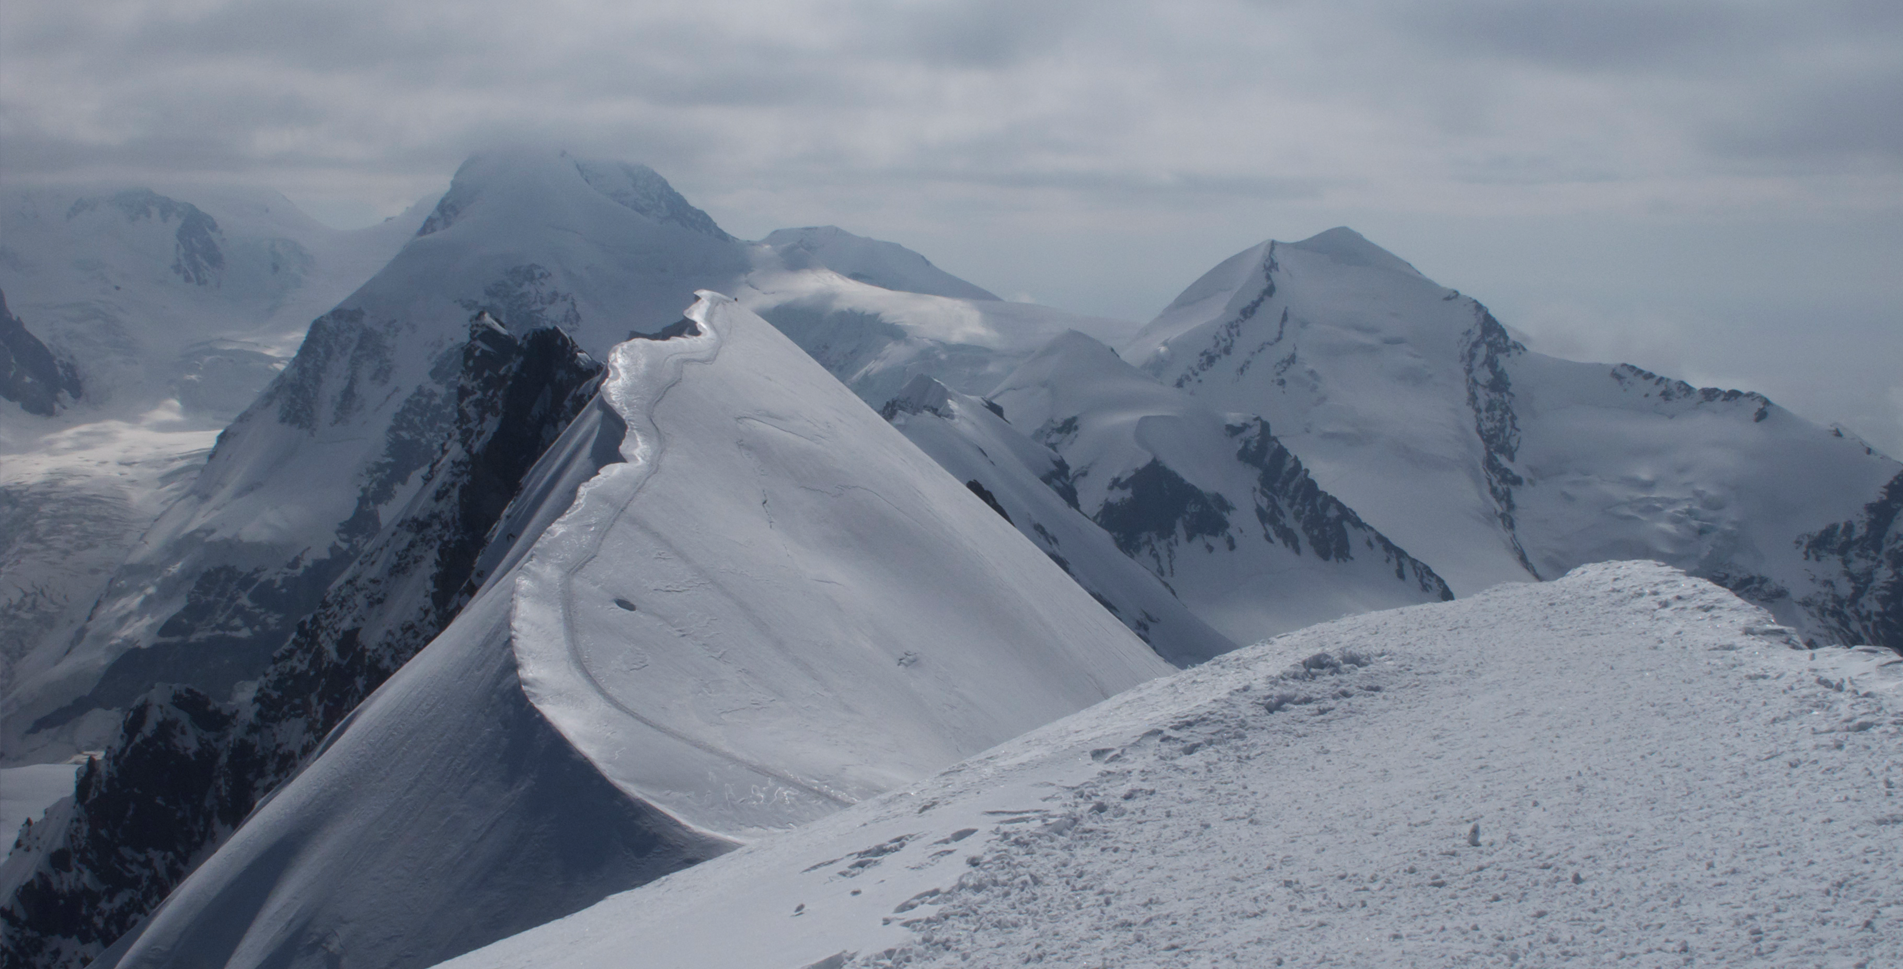 Geführte Tour auf das Breithorn 4'164 m – Zermatt